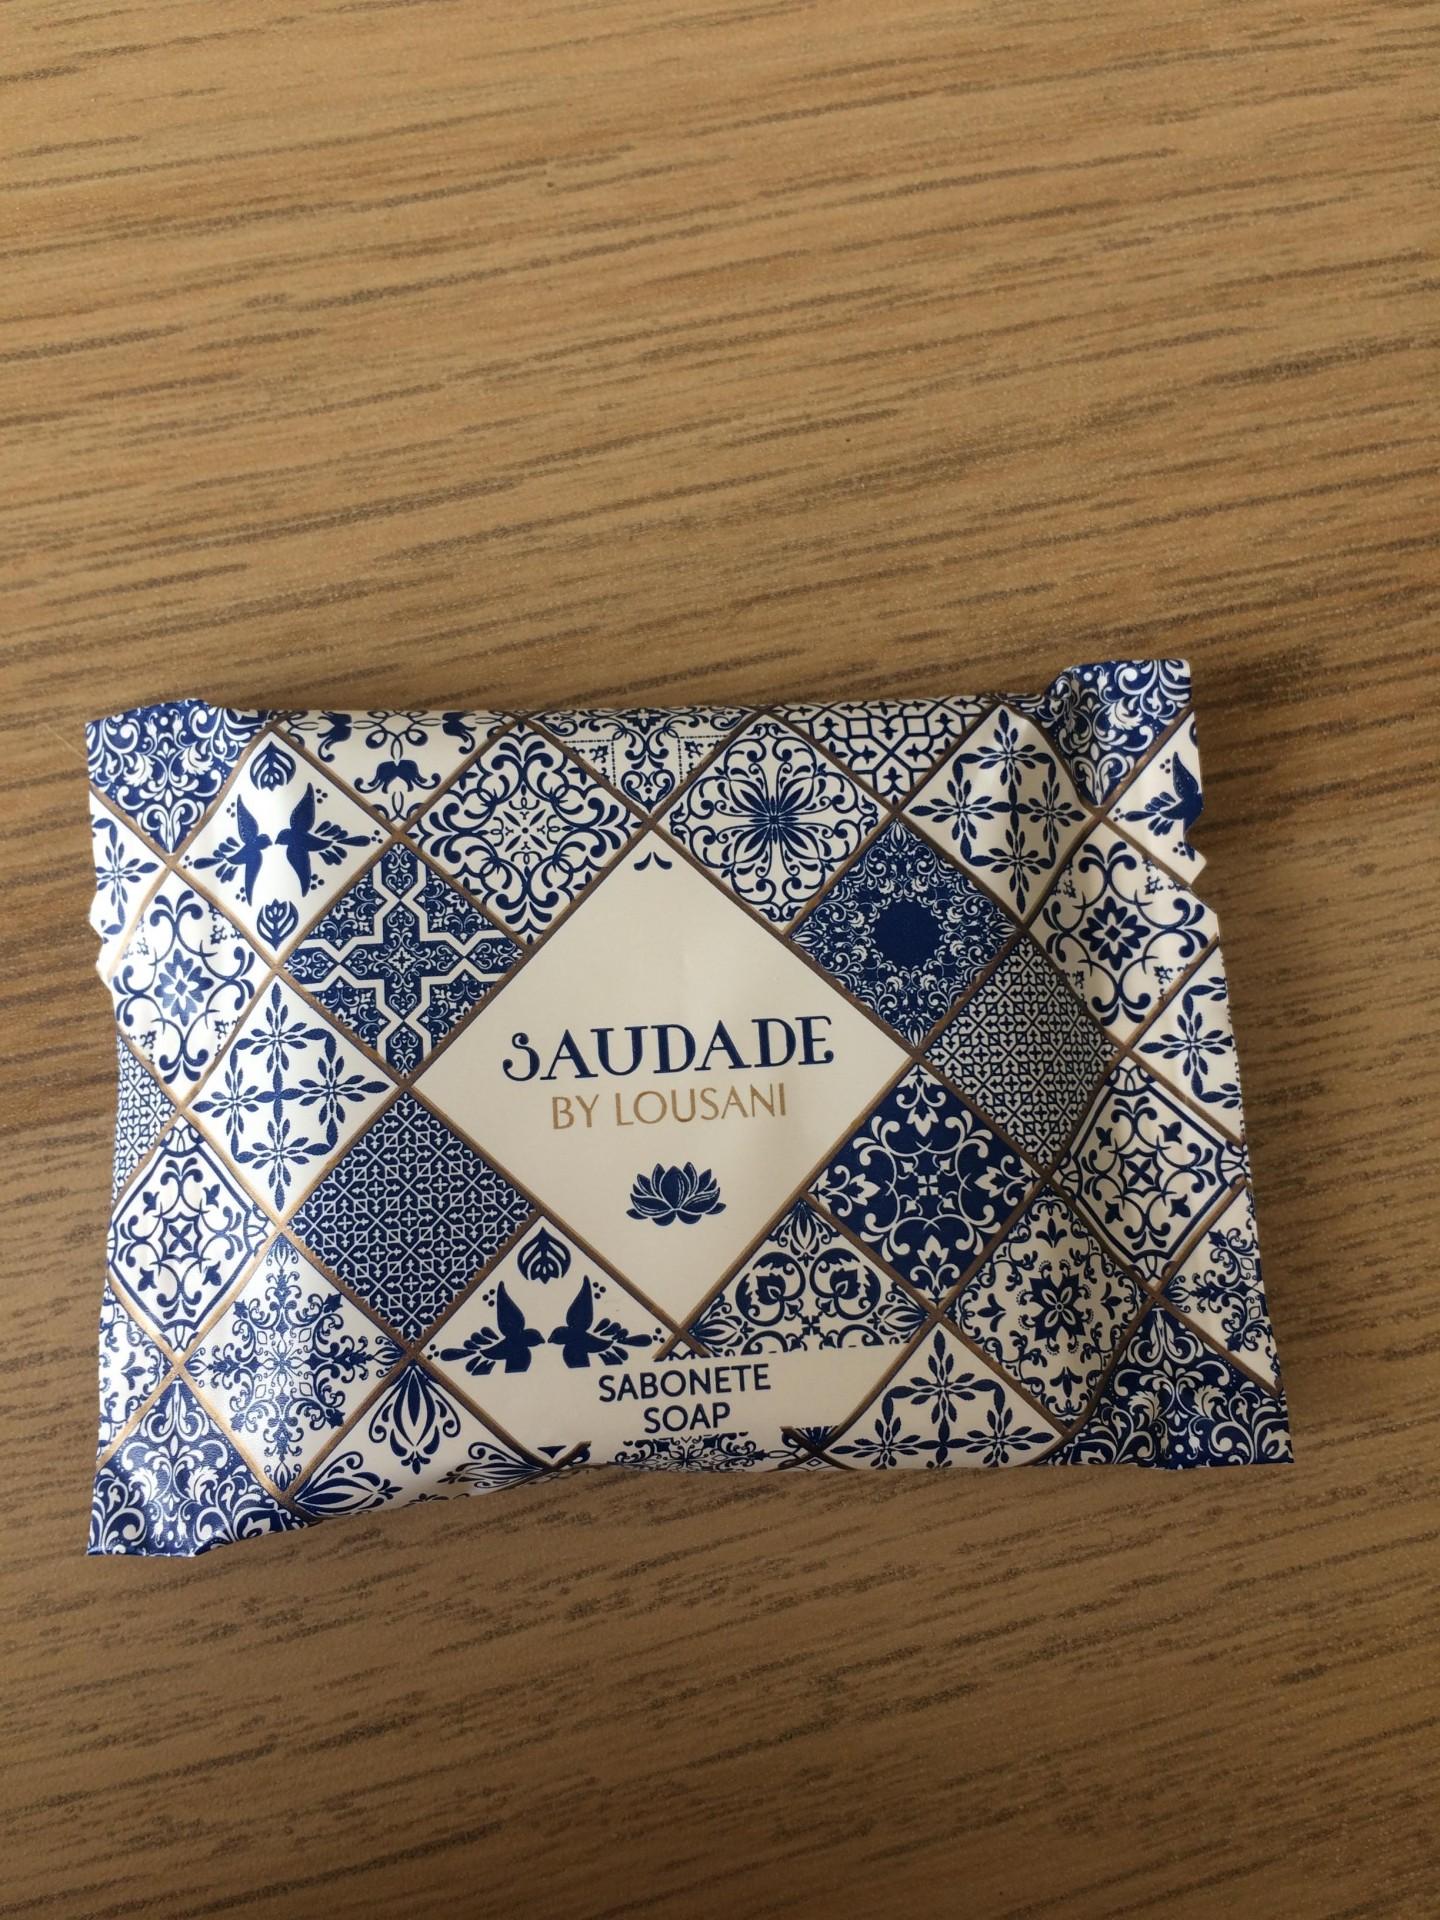 Sabonete 15 Grs Saudade